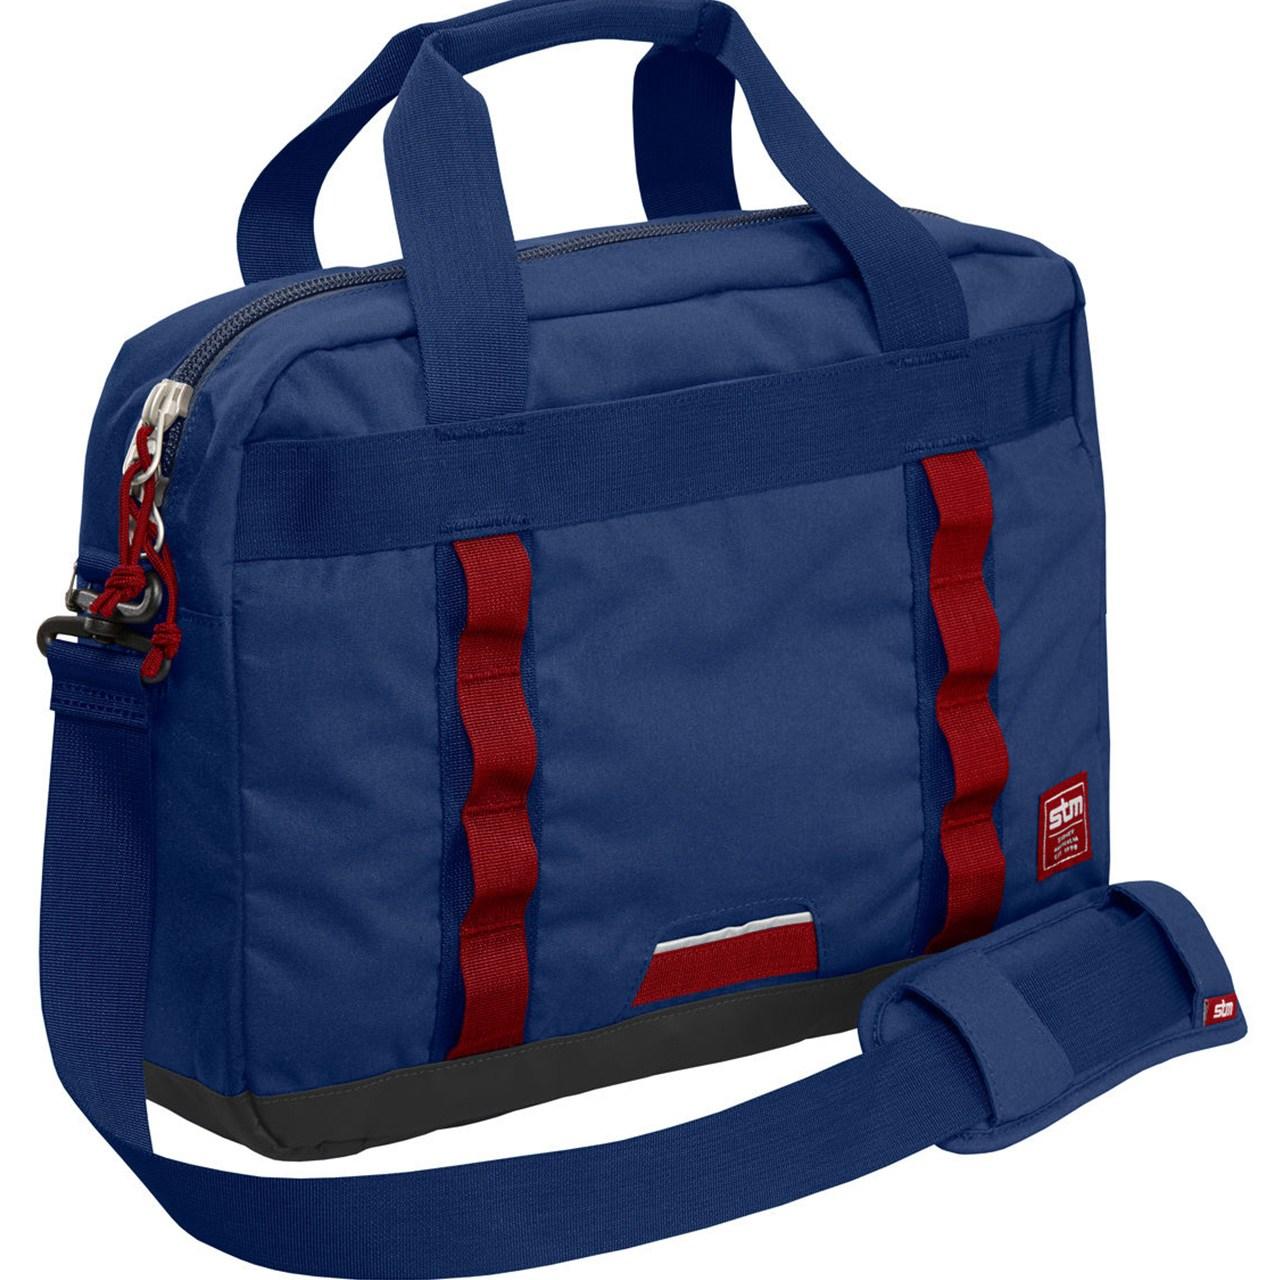 کیف اس تی ام مدل Bowery مناسب برای لپ تاپ 15 اینچی